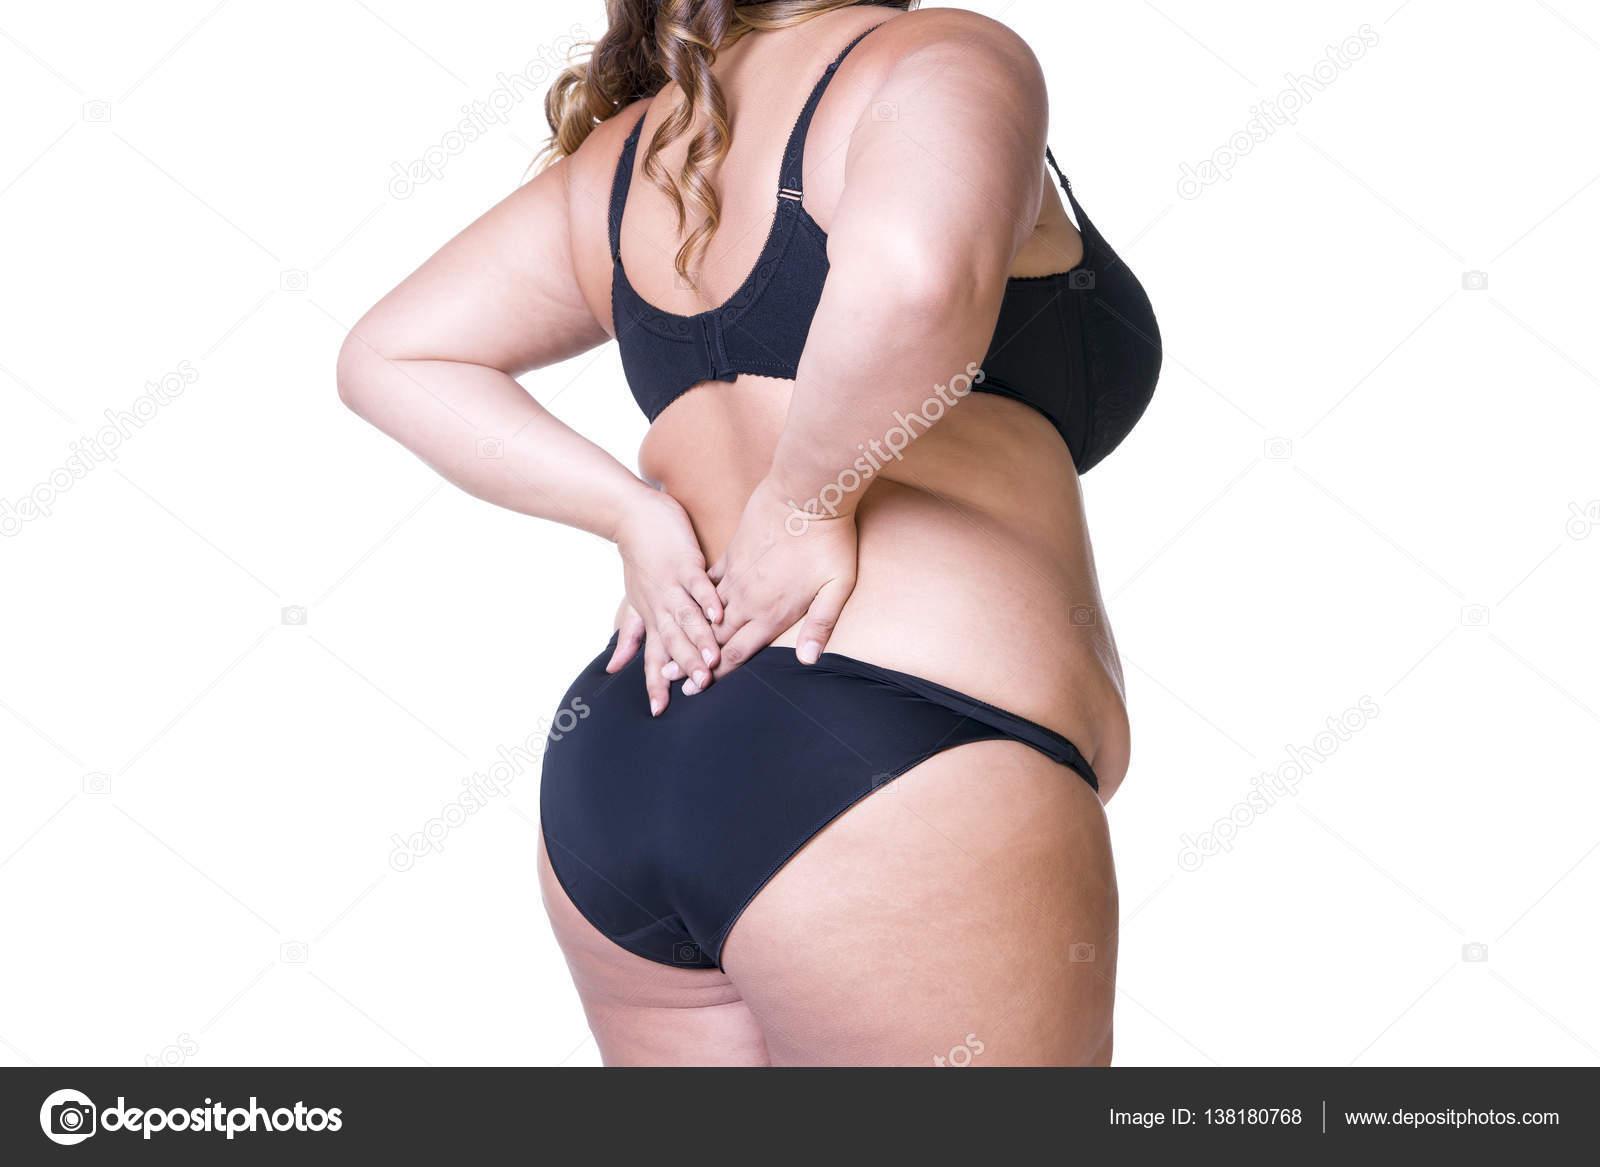 Übergewicht frau bilder